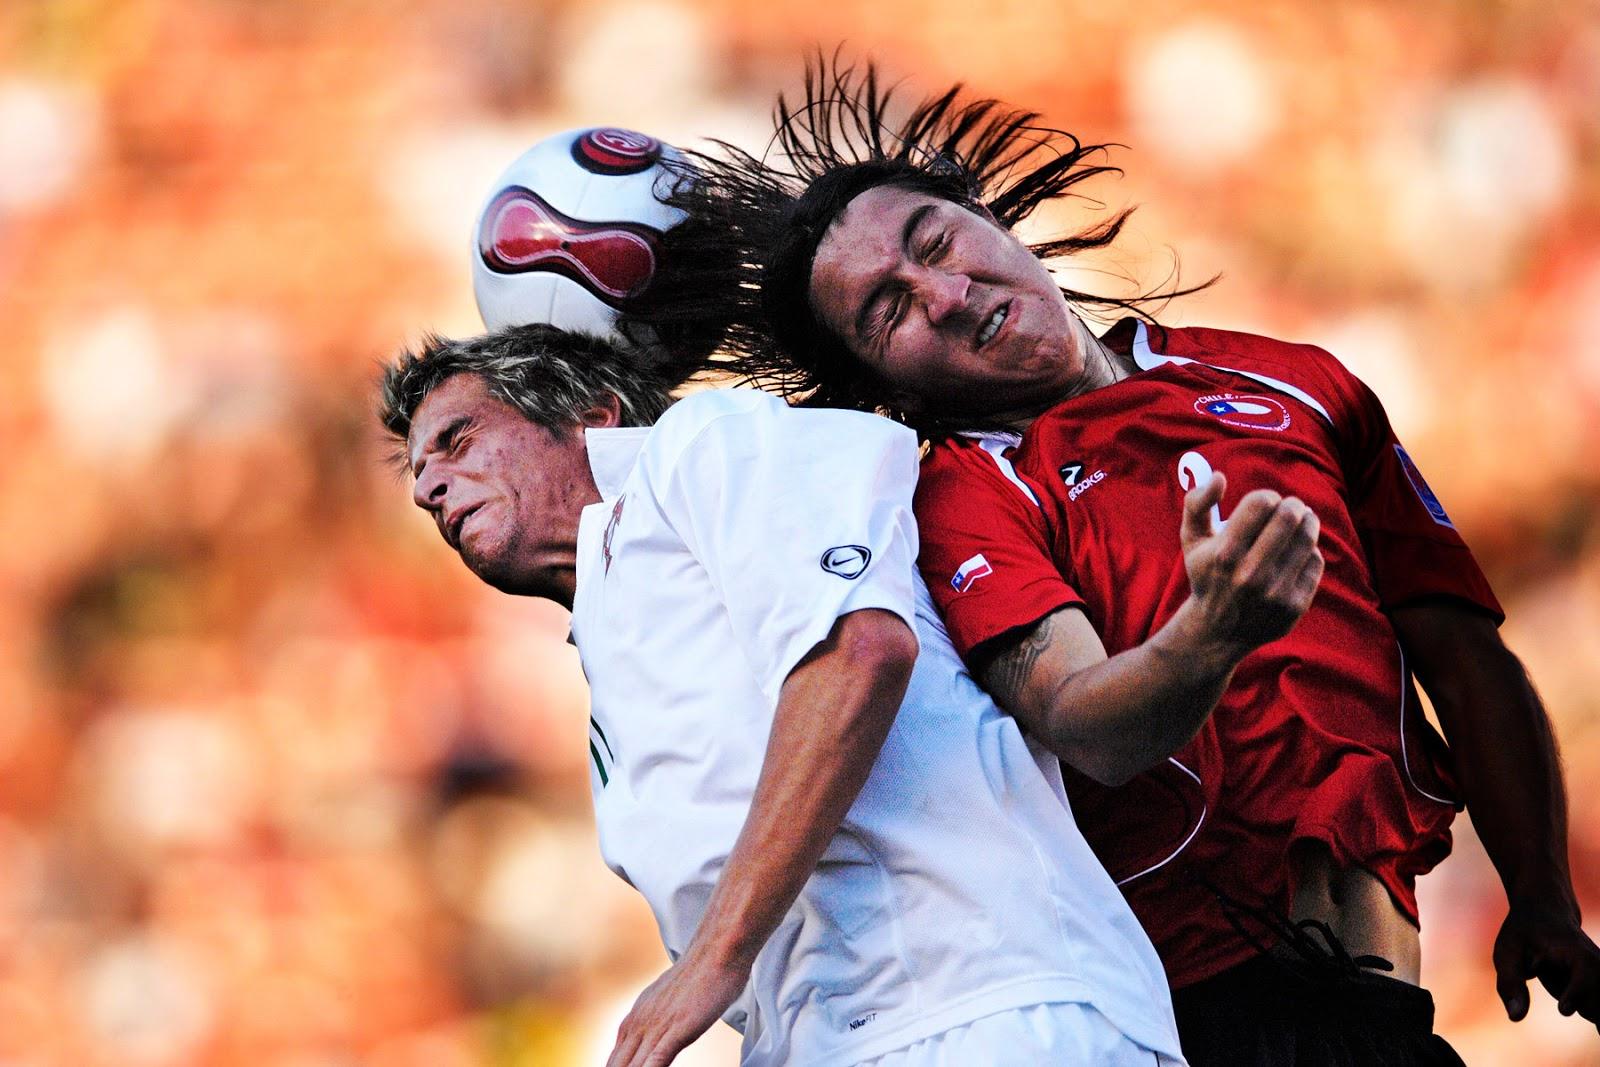 Chile y Portugal en Copa del Mundo Sub-20 Canadá 2007, 12 de julio